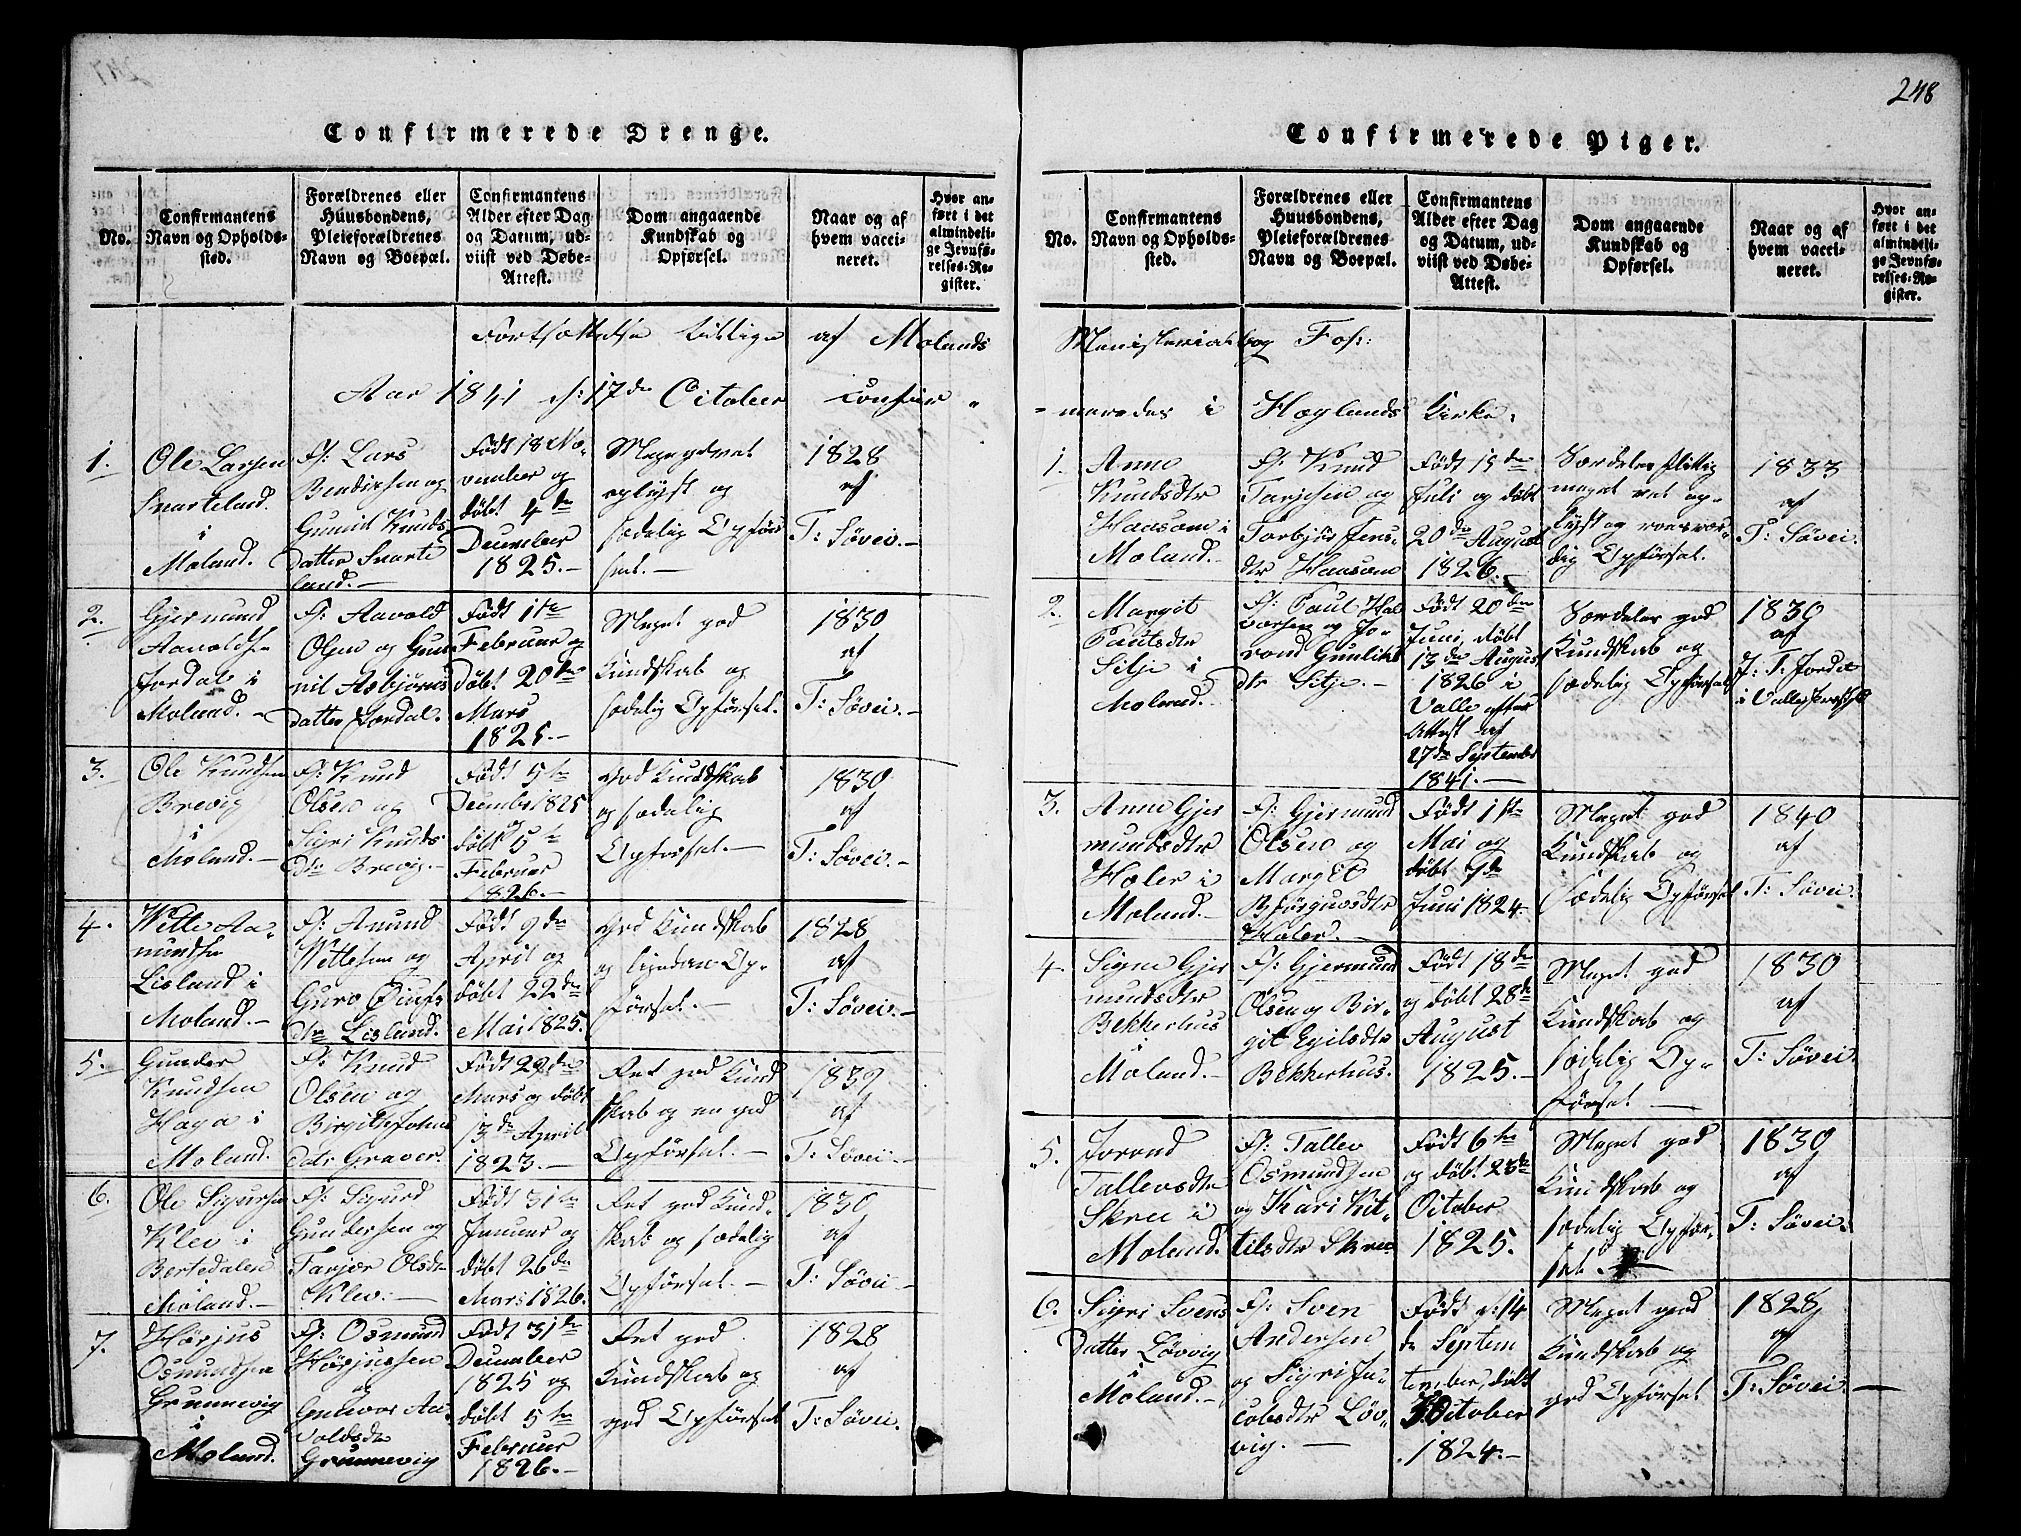 SAKO, Fyresdal kirkebøker, G/Ga/L0002: Klokkerbok nr. I 2, 1815-1857, s. 248